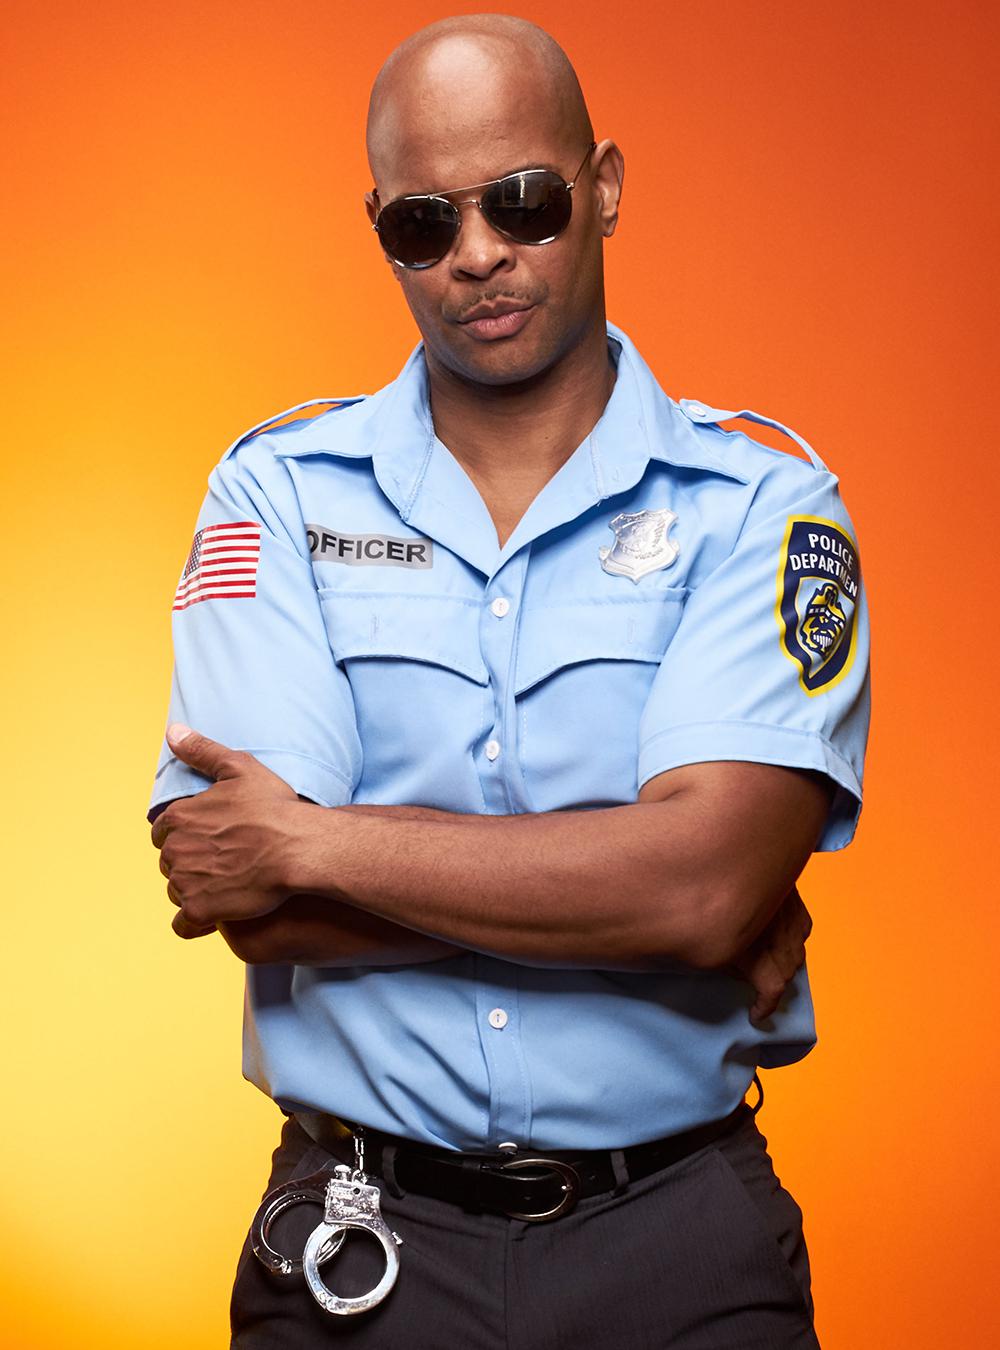 Officer Erin Truble